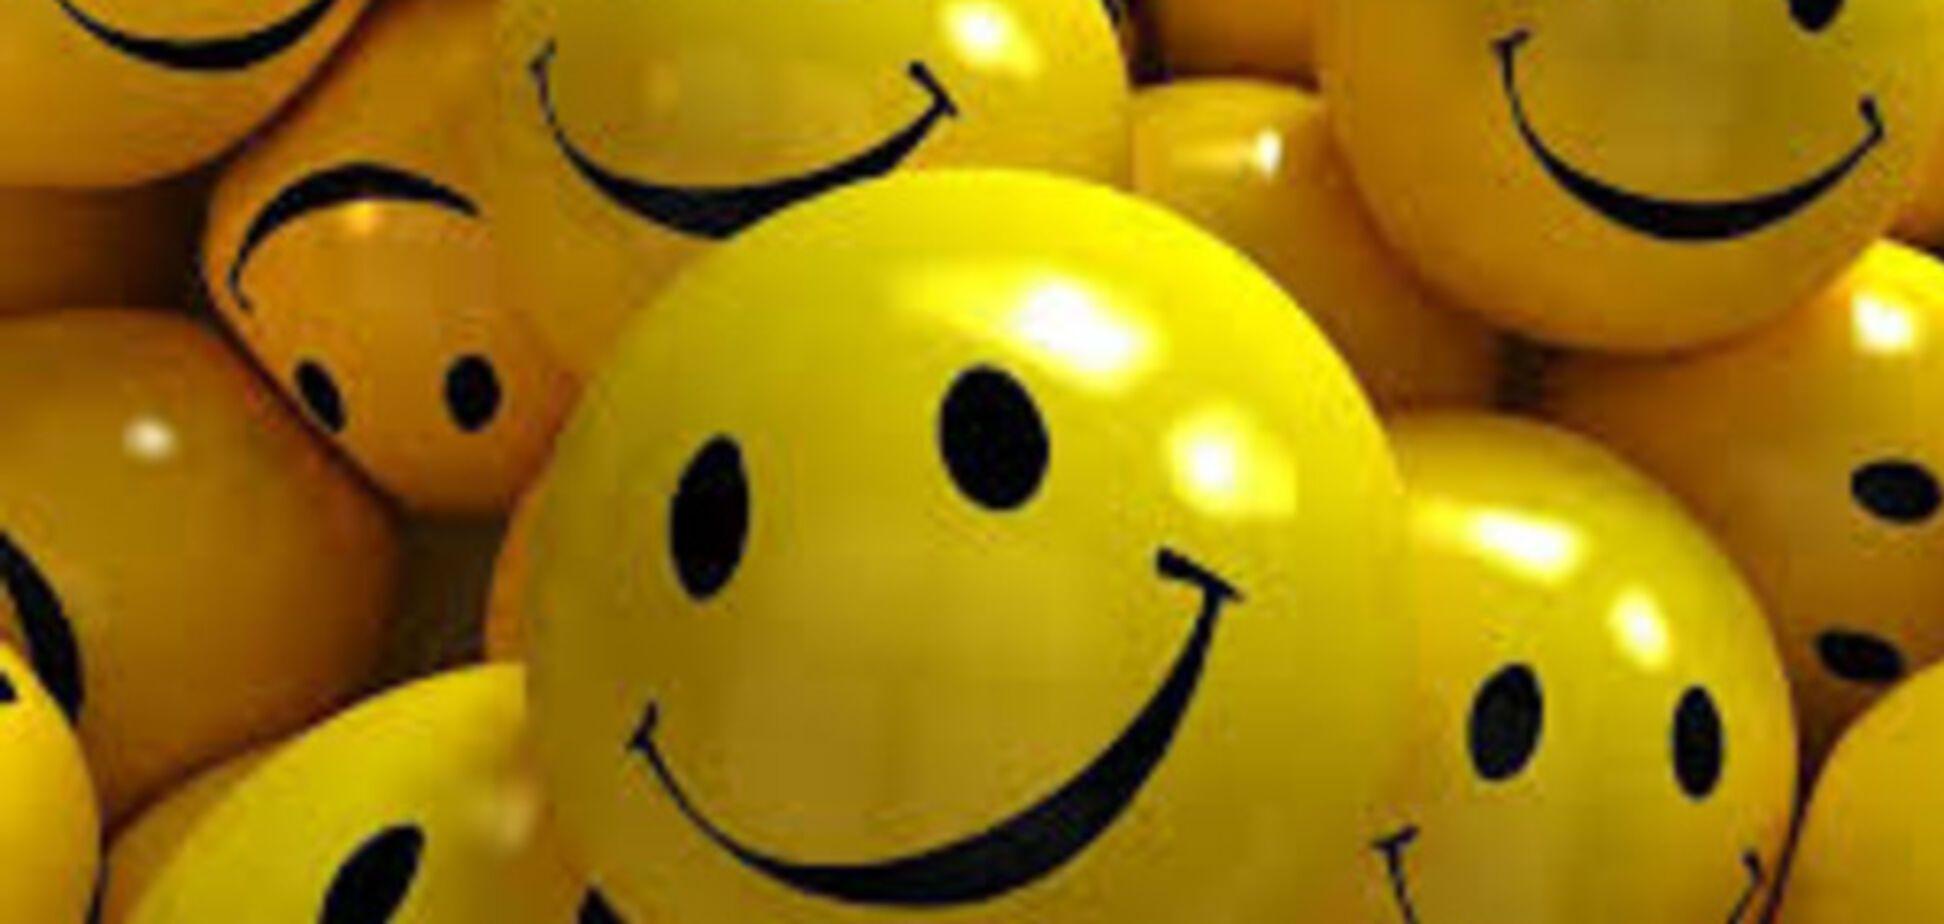 Гормон счастья: как повысить уровень эндорфинов